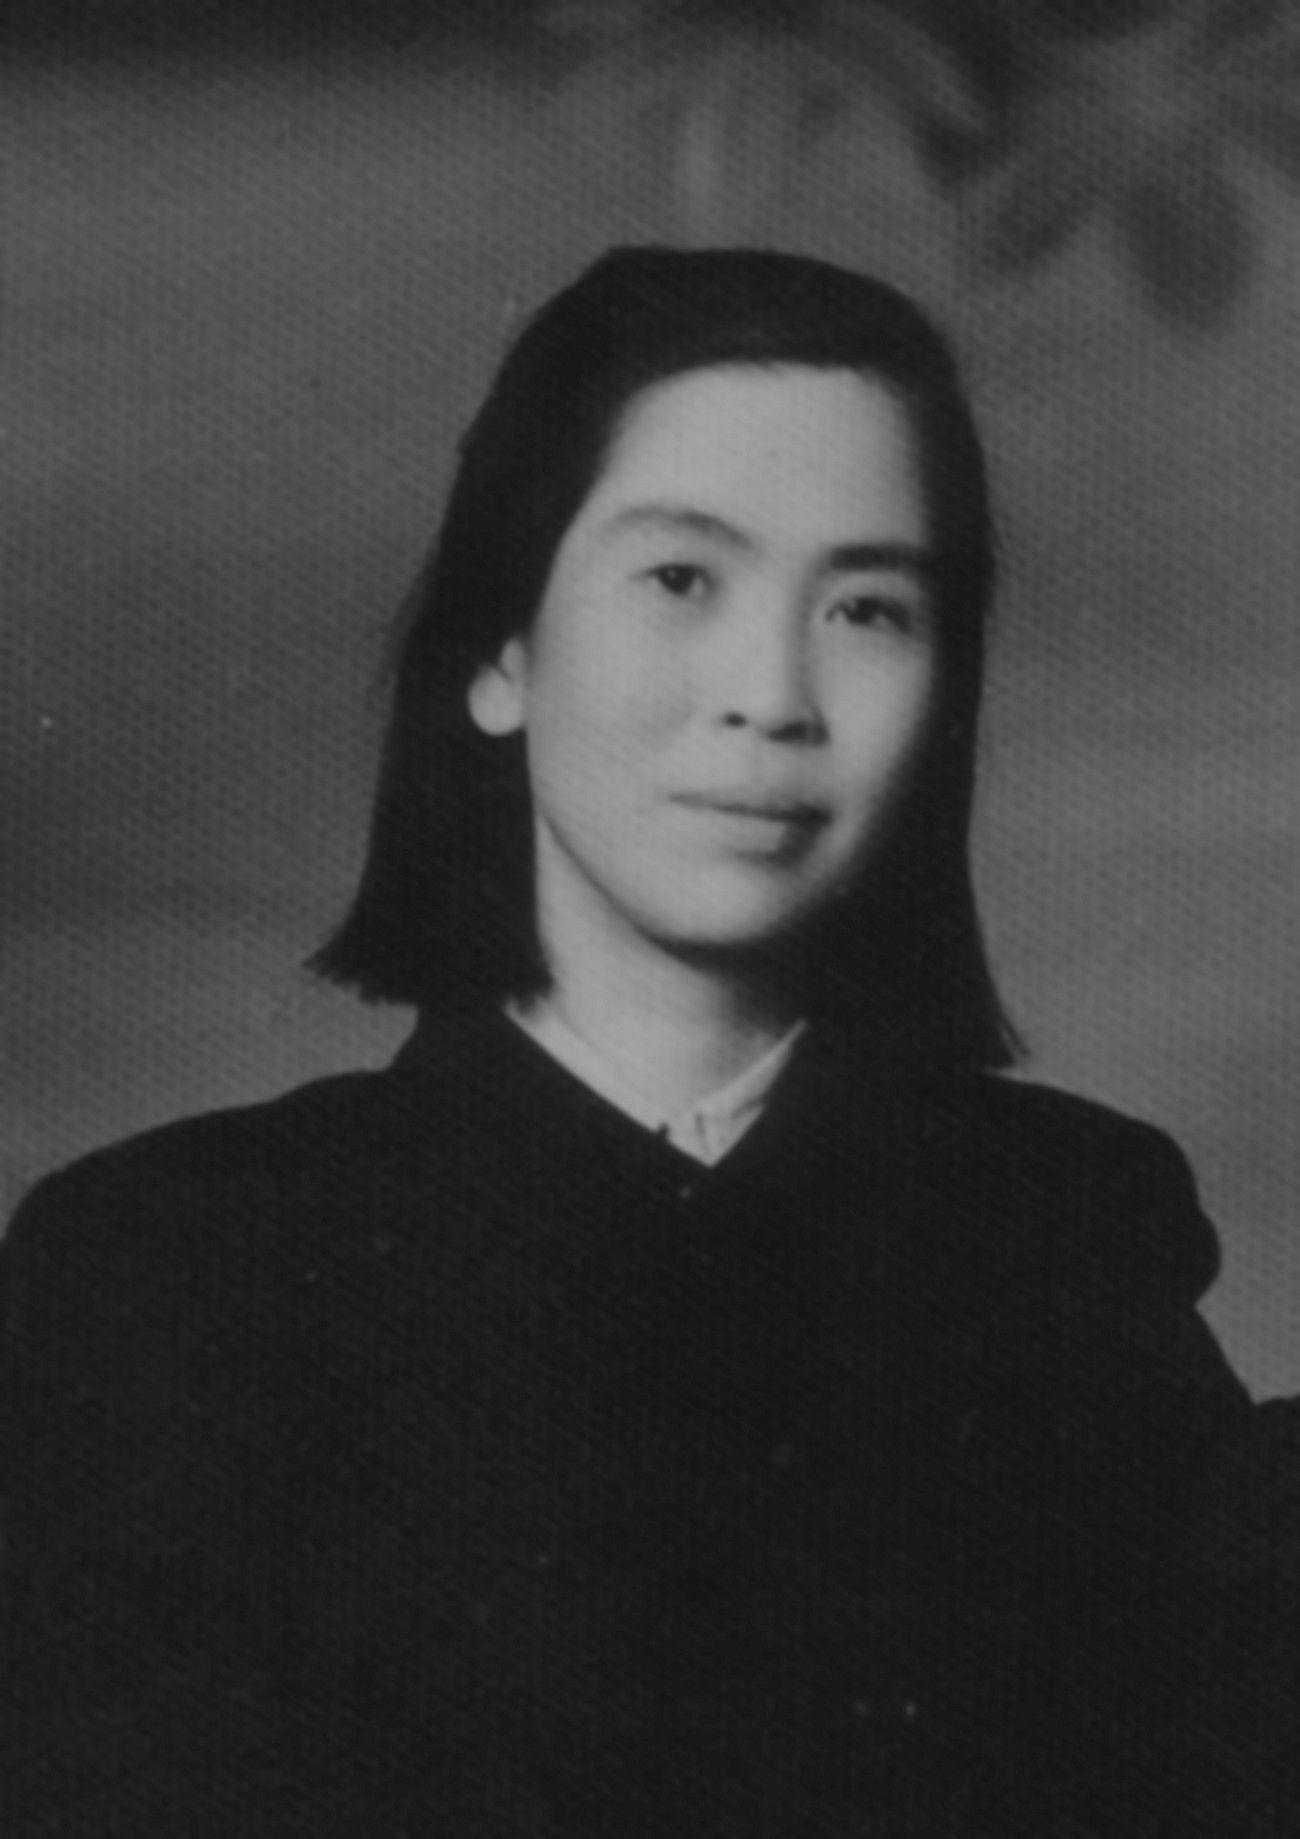 """Mao nie miał litości również dla najbliższych. Swoją trzecią żonę He Zizhen kazał zamknąć w zakładzie psychiatrycznym. Zdjęcie z książki """"Kobiety despotów""""."""